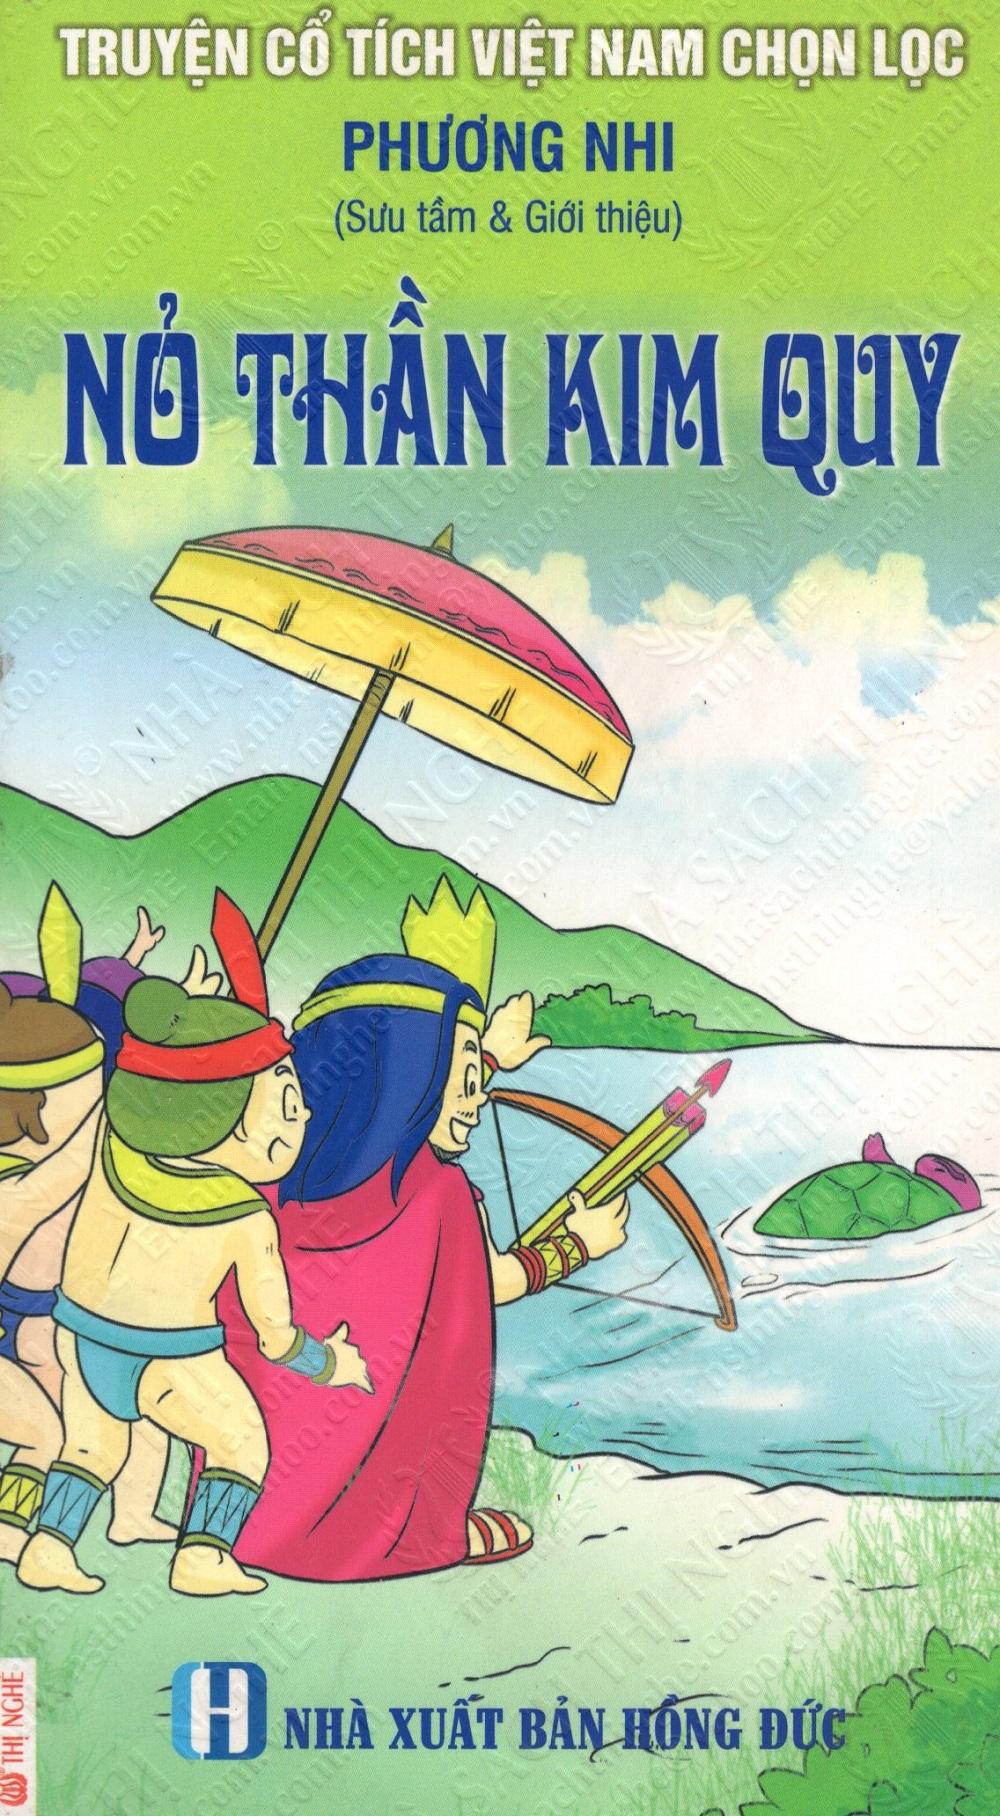 Bìa sách Truyện Cổ Tích Việt Nam Chọn Lọc: Nỏ Thần Kim Quy